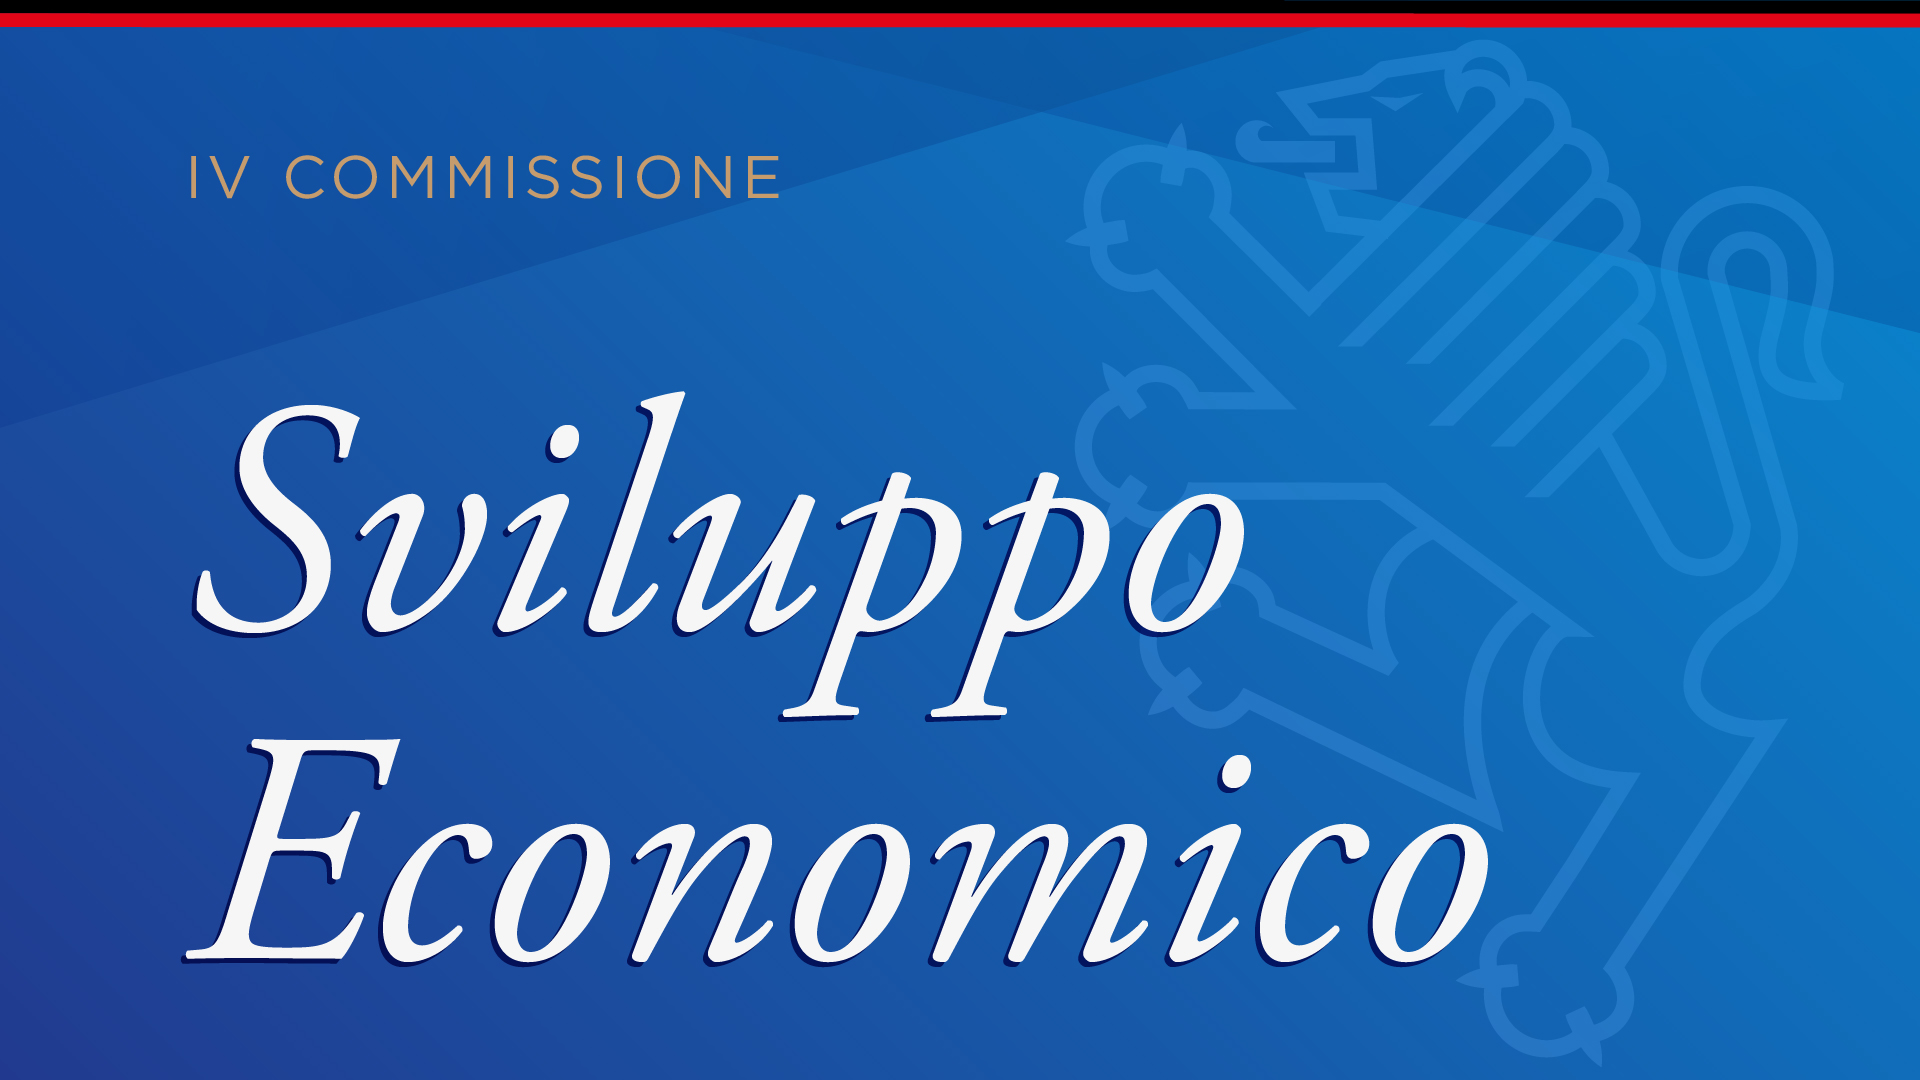 IV Commissione: Sviluppo Economico